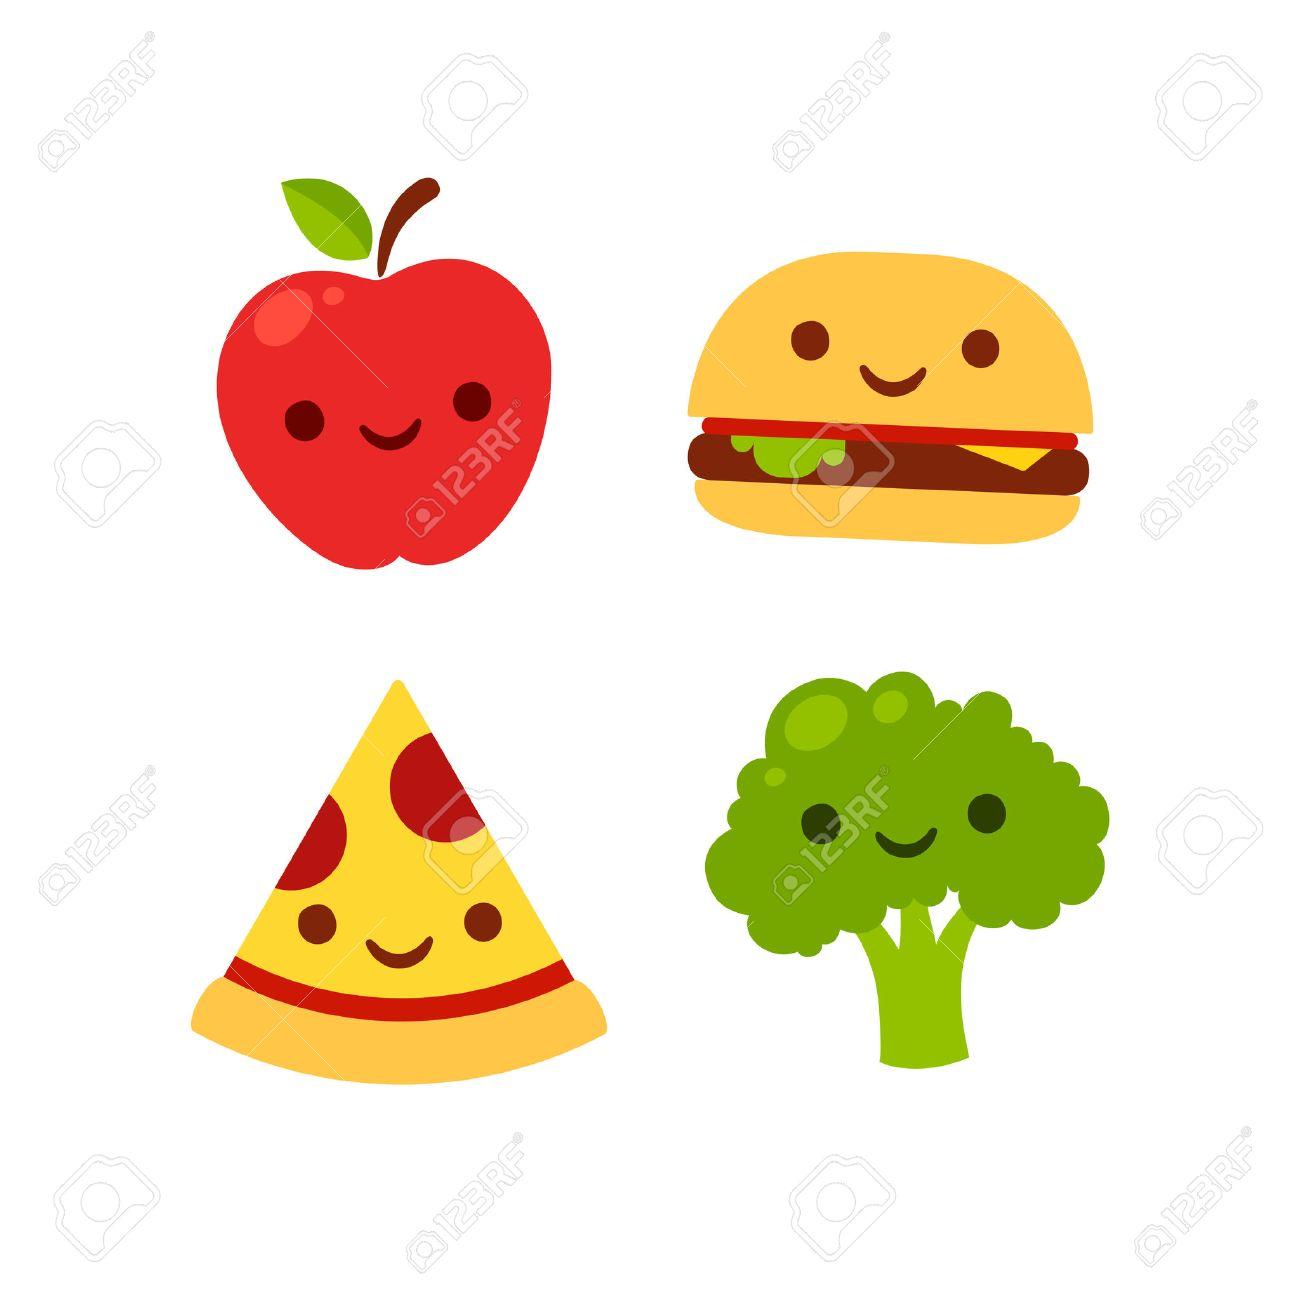 Iconos De Dibujos Animados Lindo Con Las Caras Sonrientes Manzana